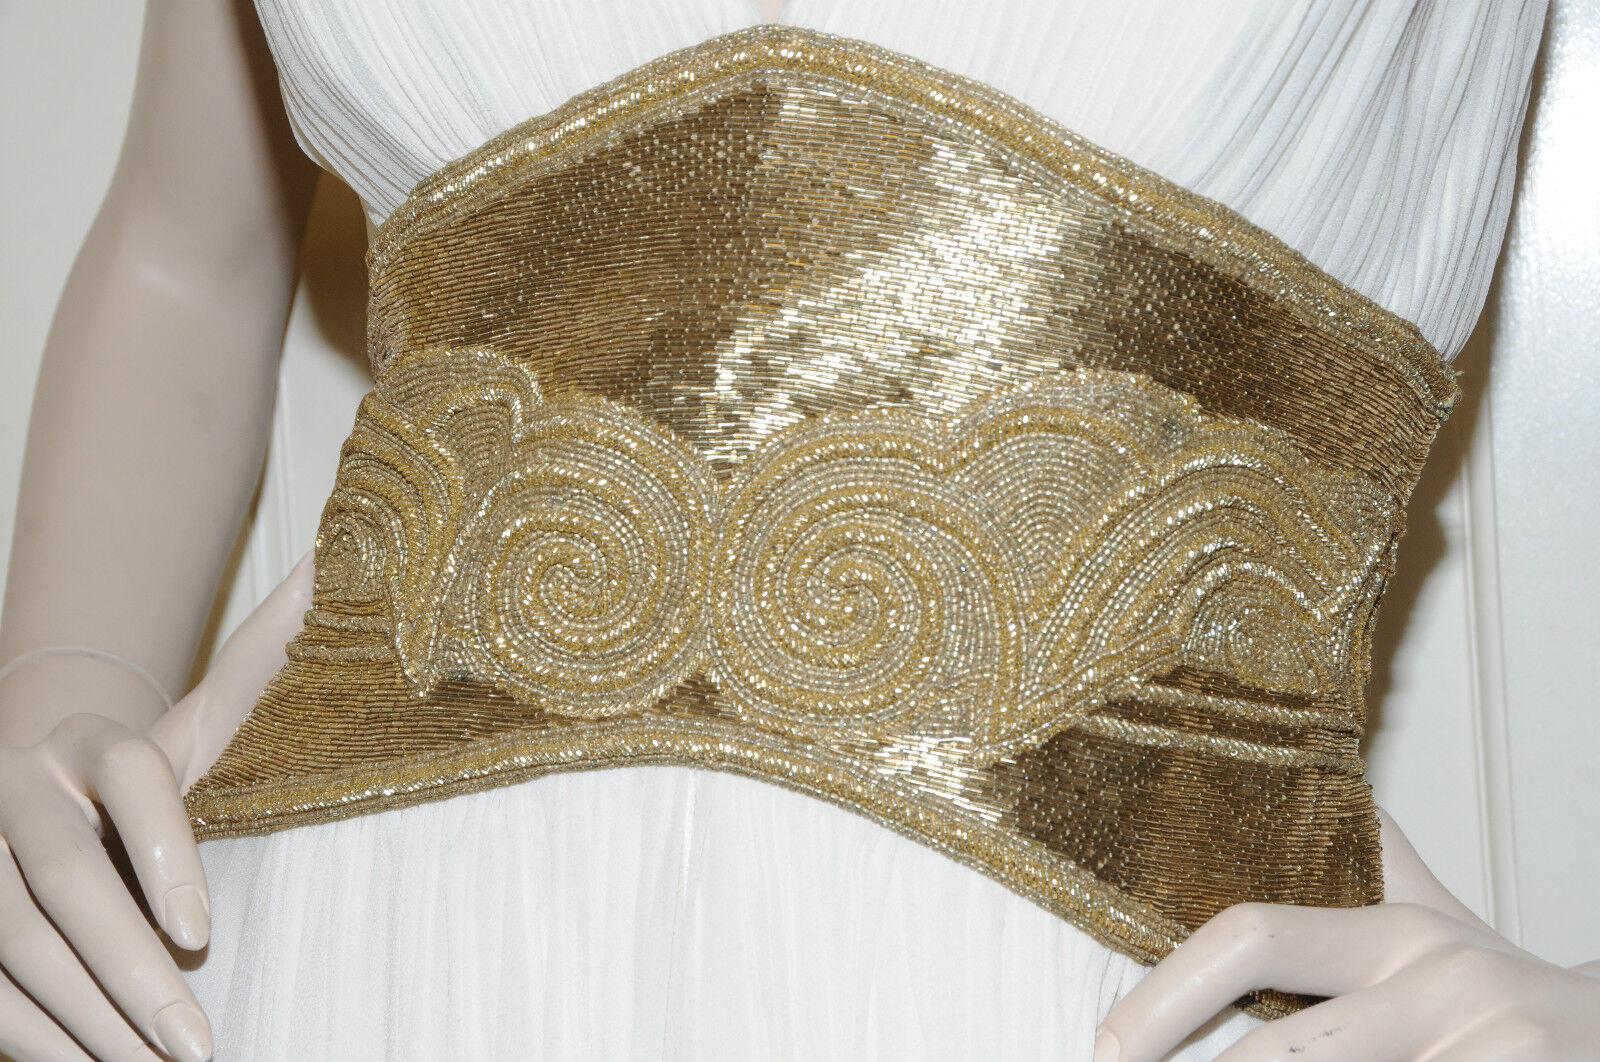 Nuovo Marchesa Couture Latteo oro Bianco Ingioiellato Abito Abito Abito da Sera Abito 10 e3077e